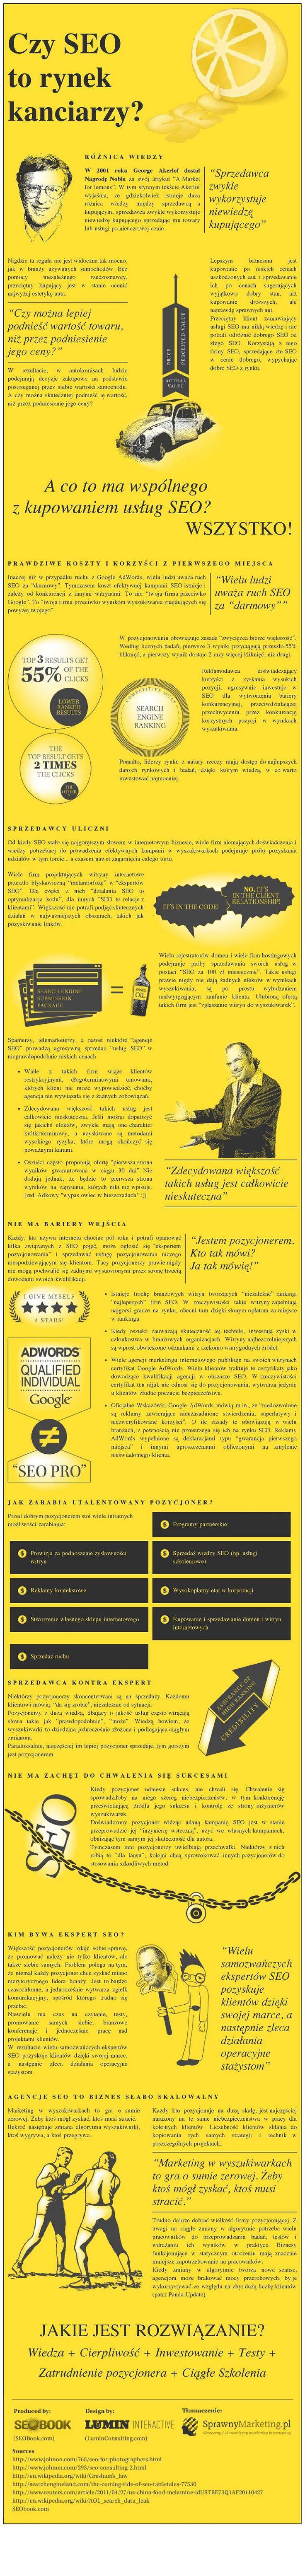 Infografika: Czy polskie SEO to rynek kanciarzy